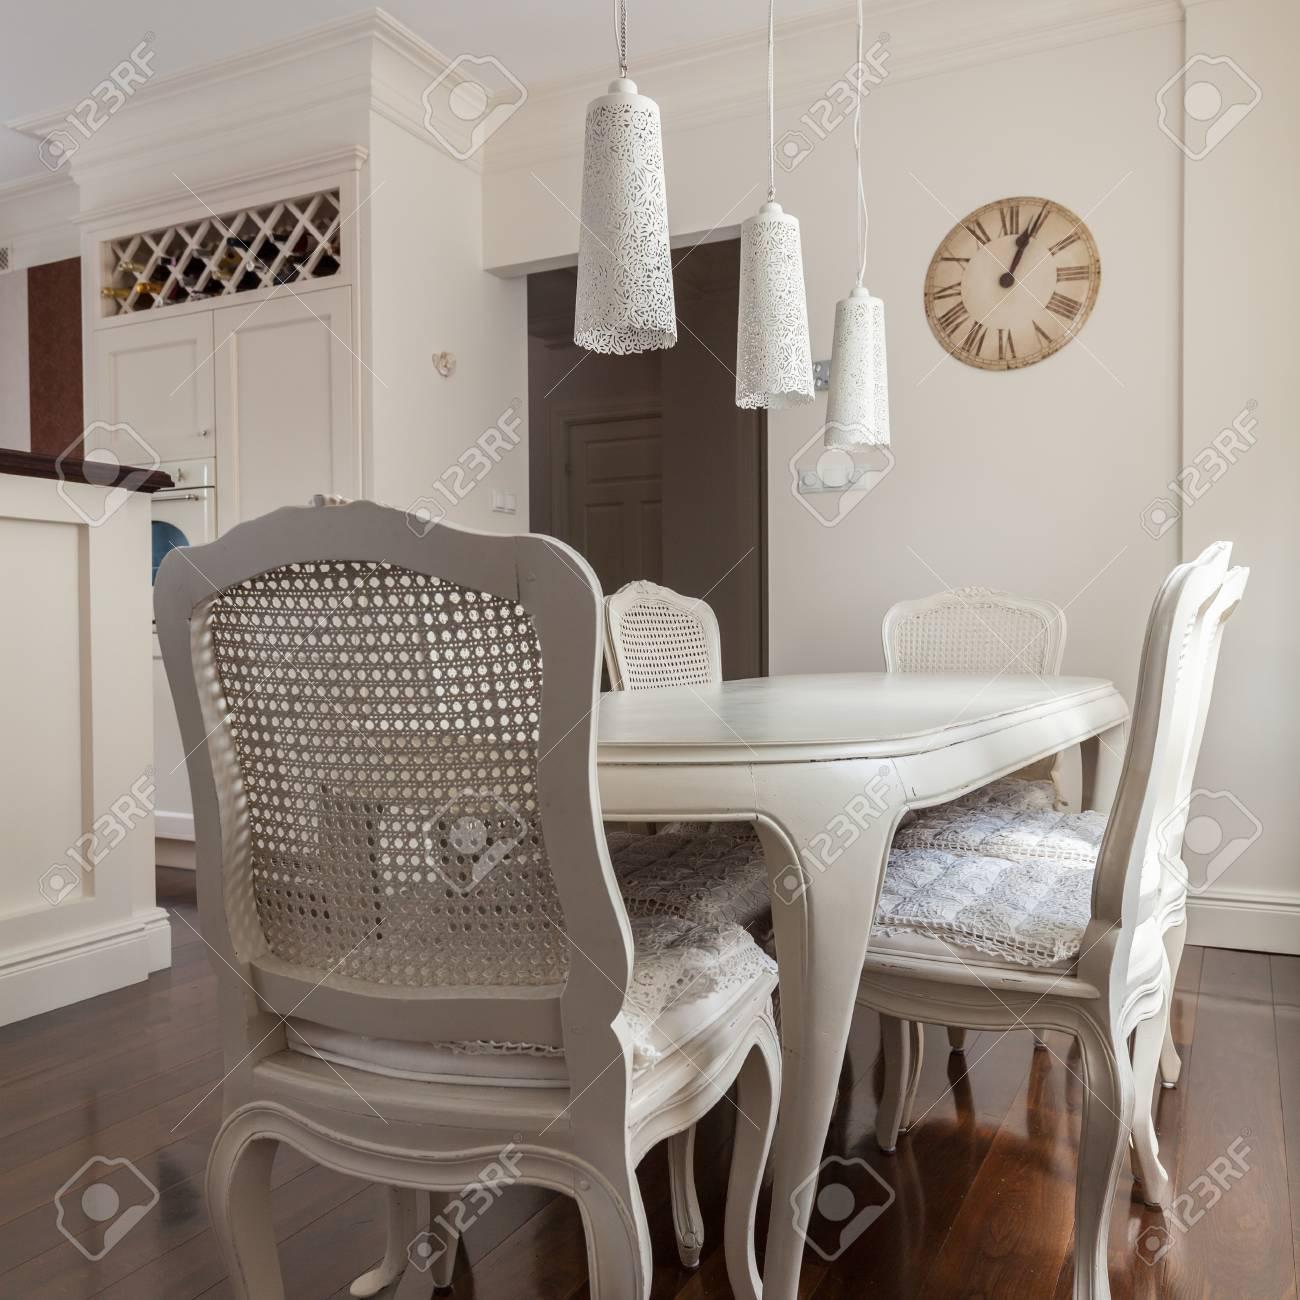 Dekorative Stuhle Und Tisch In Der Kuche Lizenzfreie Fotos Bilder